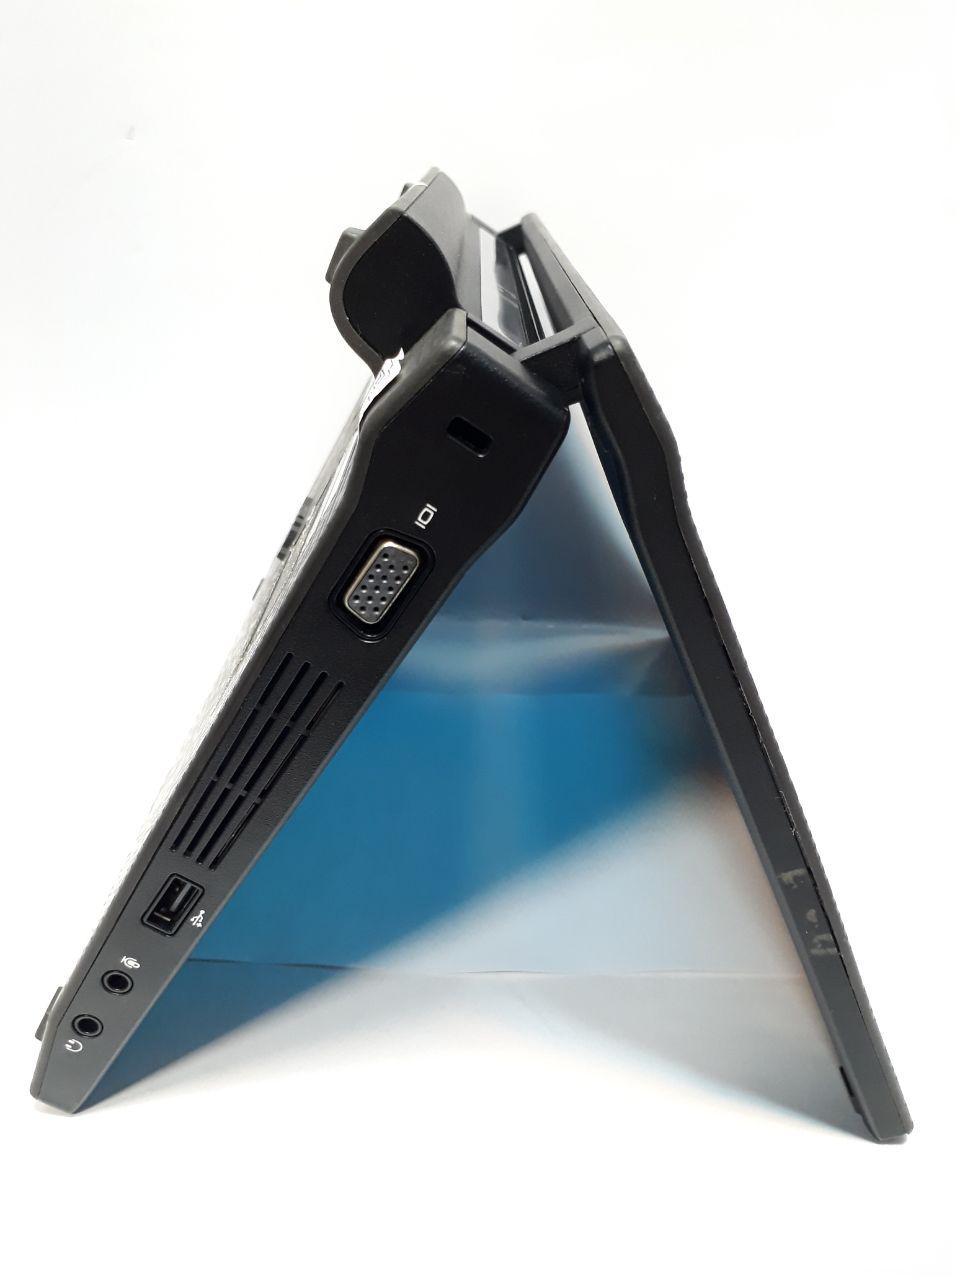 لپ تاپ استوک دل مدل dell 2110